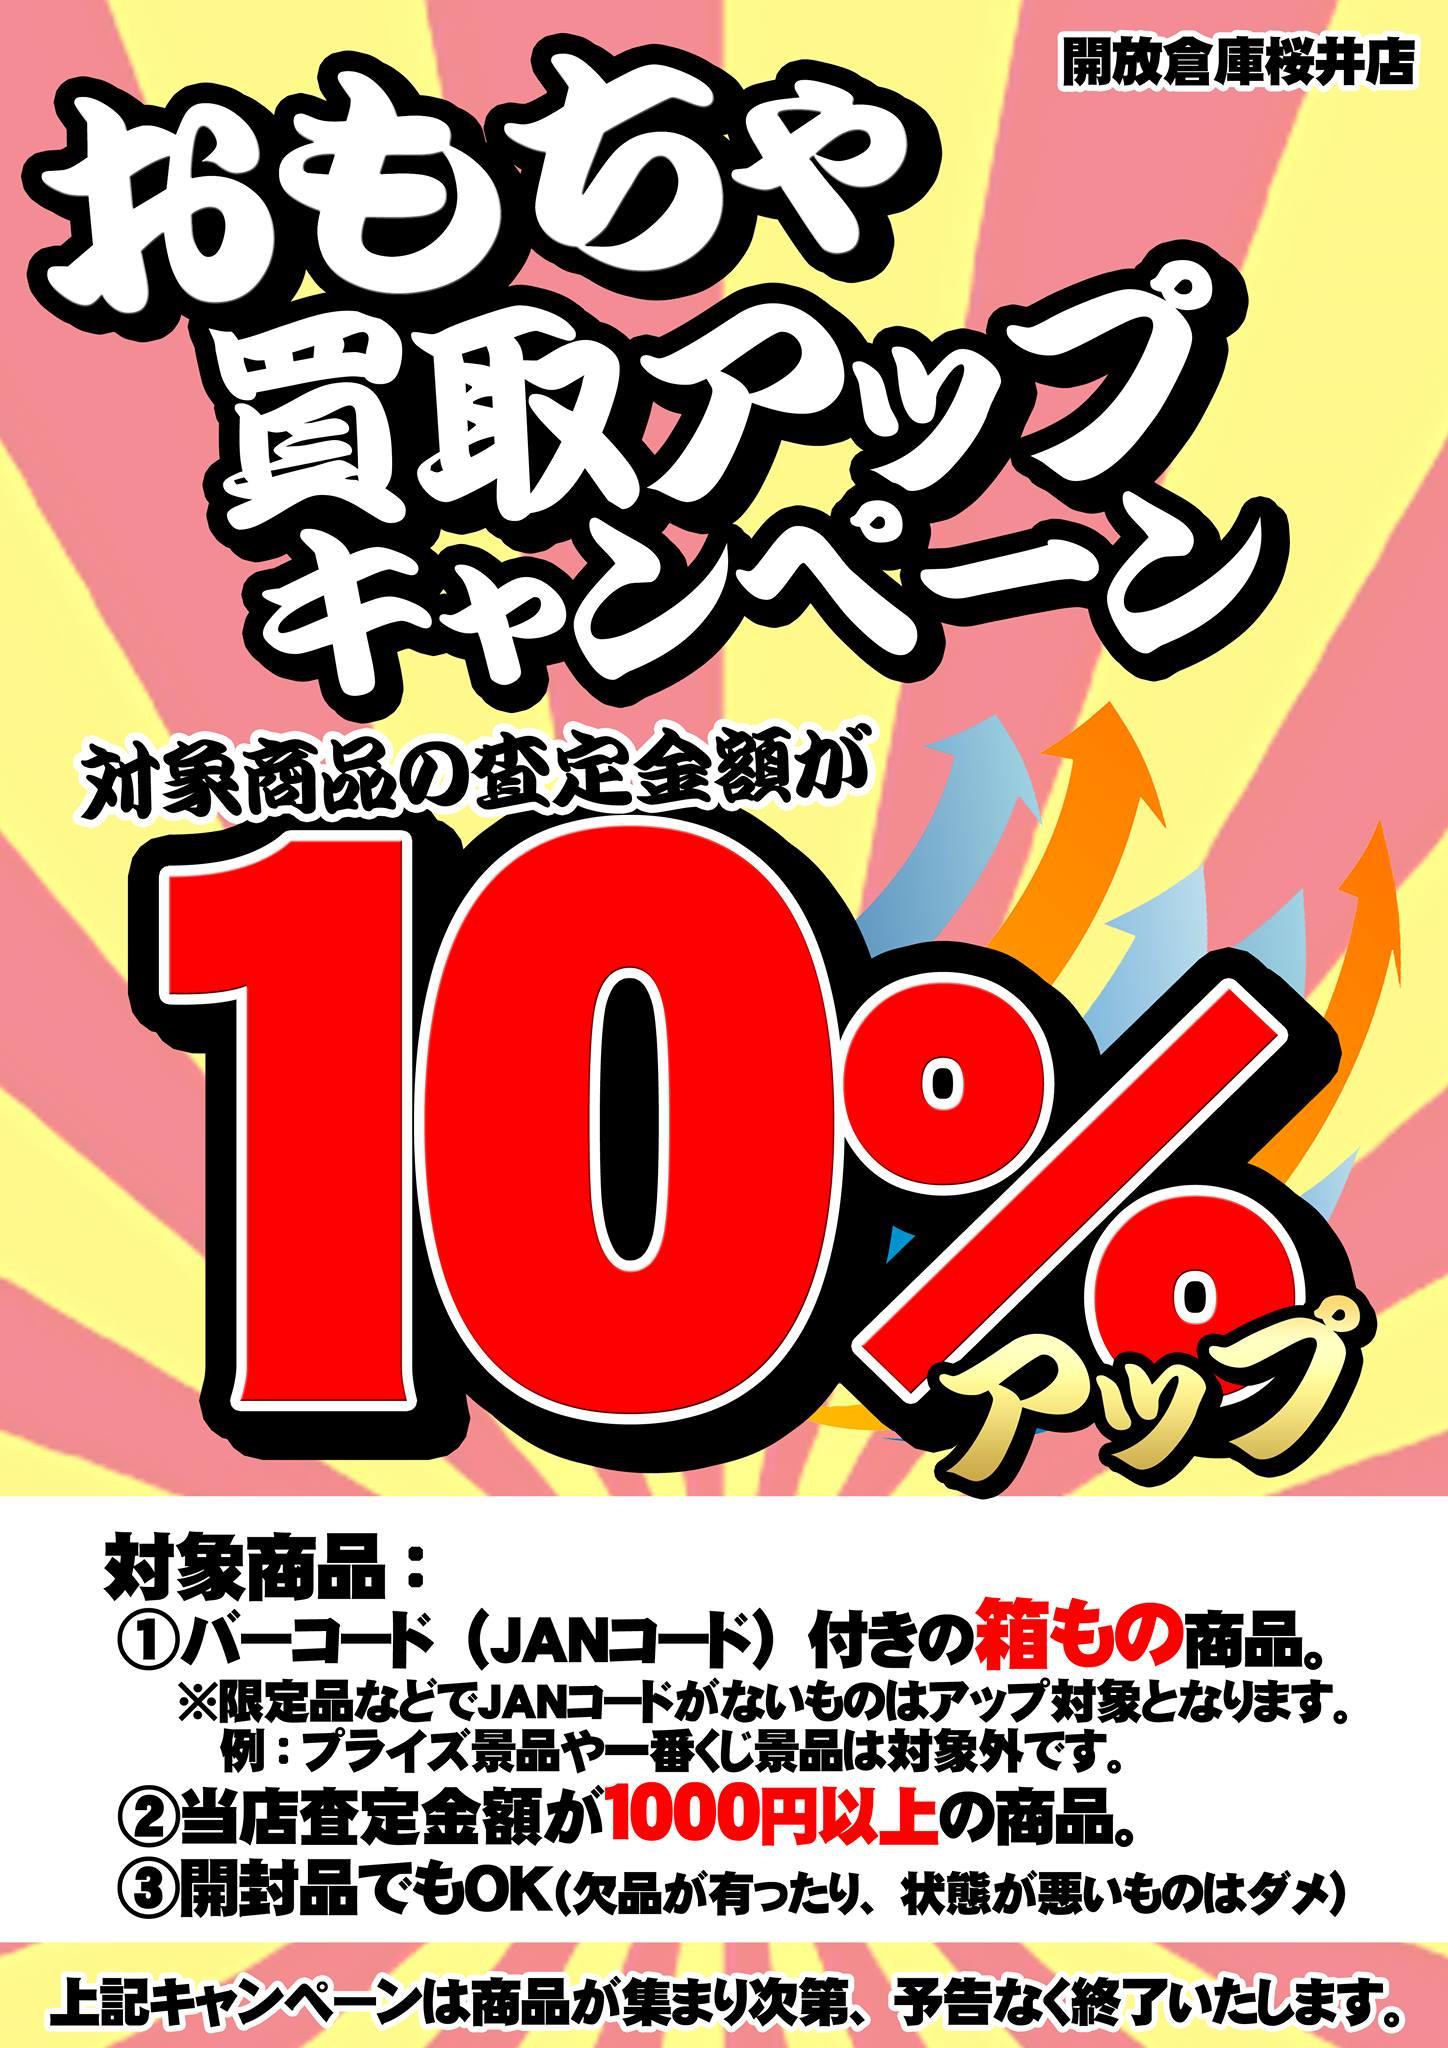 「開放倉庫桜井店」おもちゃ買取アップキャンペーン!対象商品の査定金額が10%アップ!!※詳しくは画像をチェック